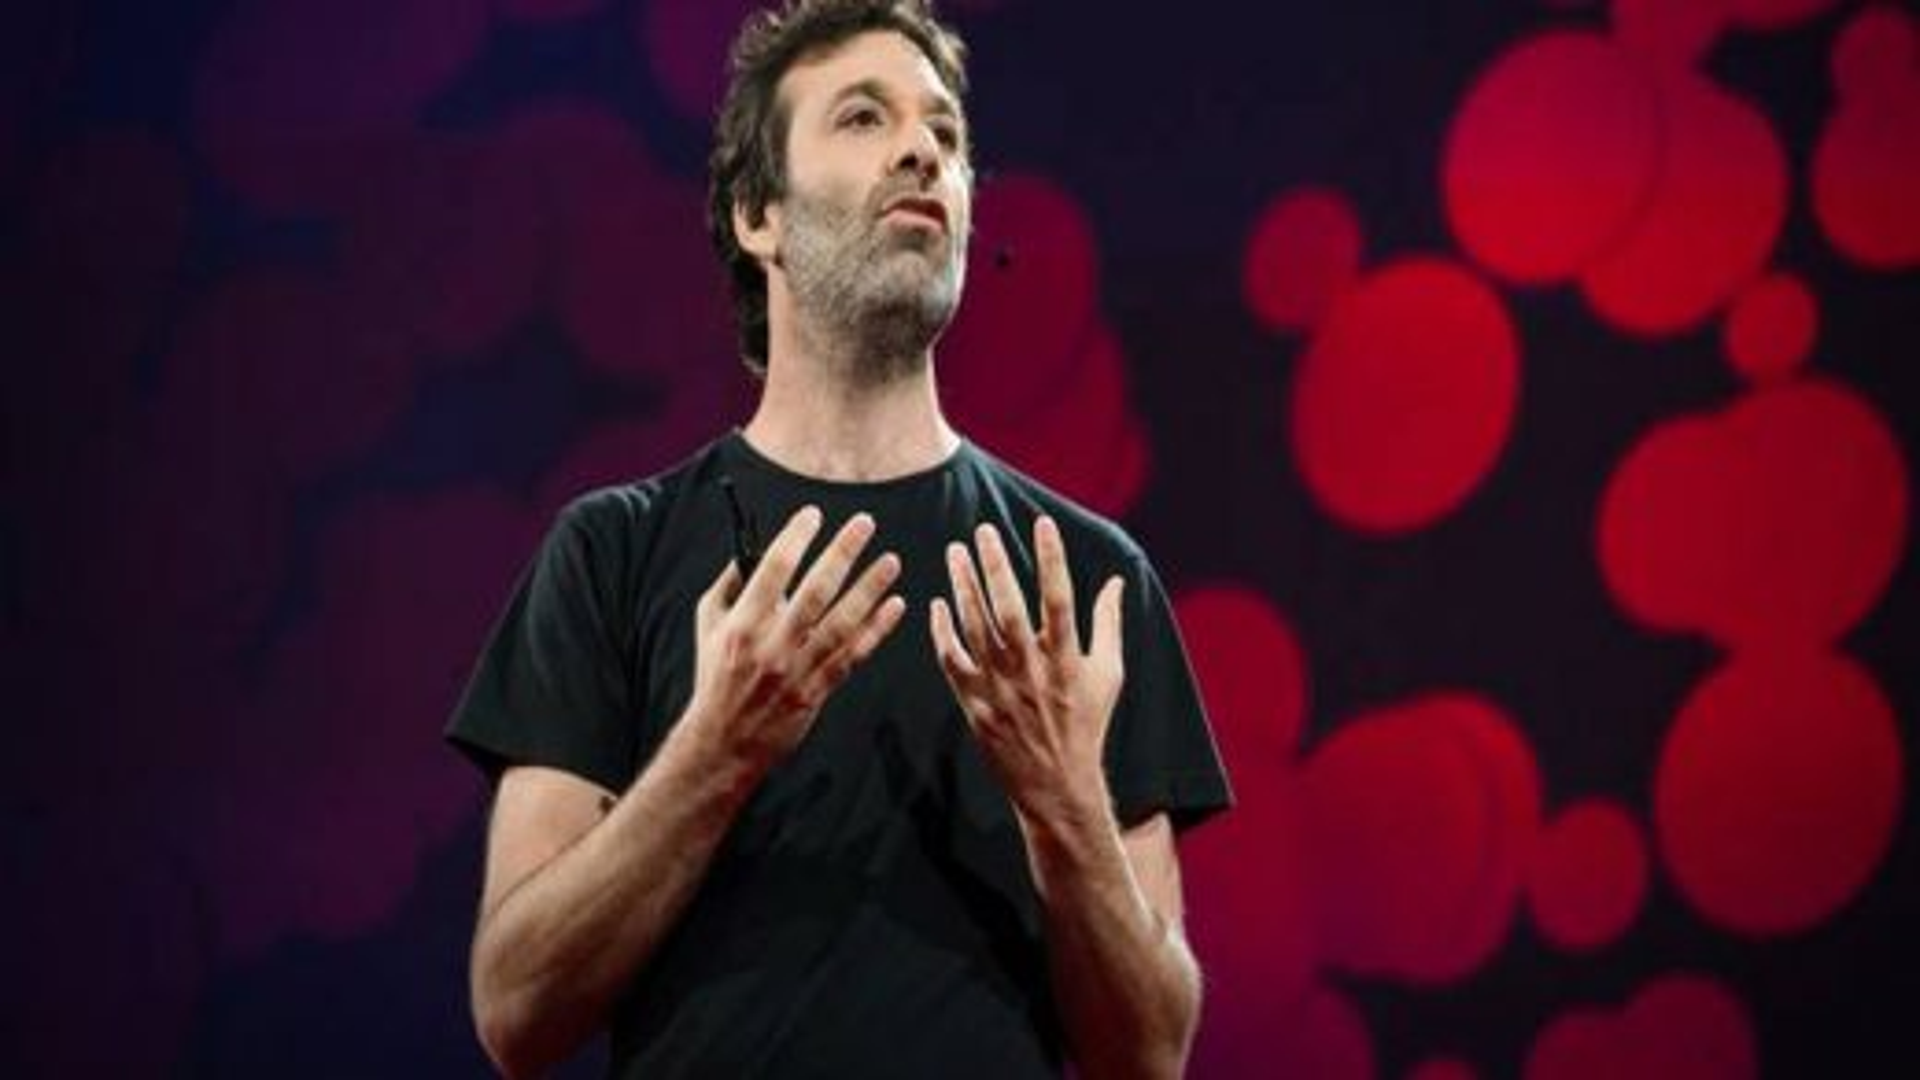 سخنرانی های تد ؛ پیش بینی سلامت روانی با استفاده از سخنانتان |فیلم